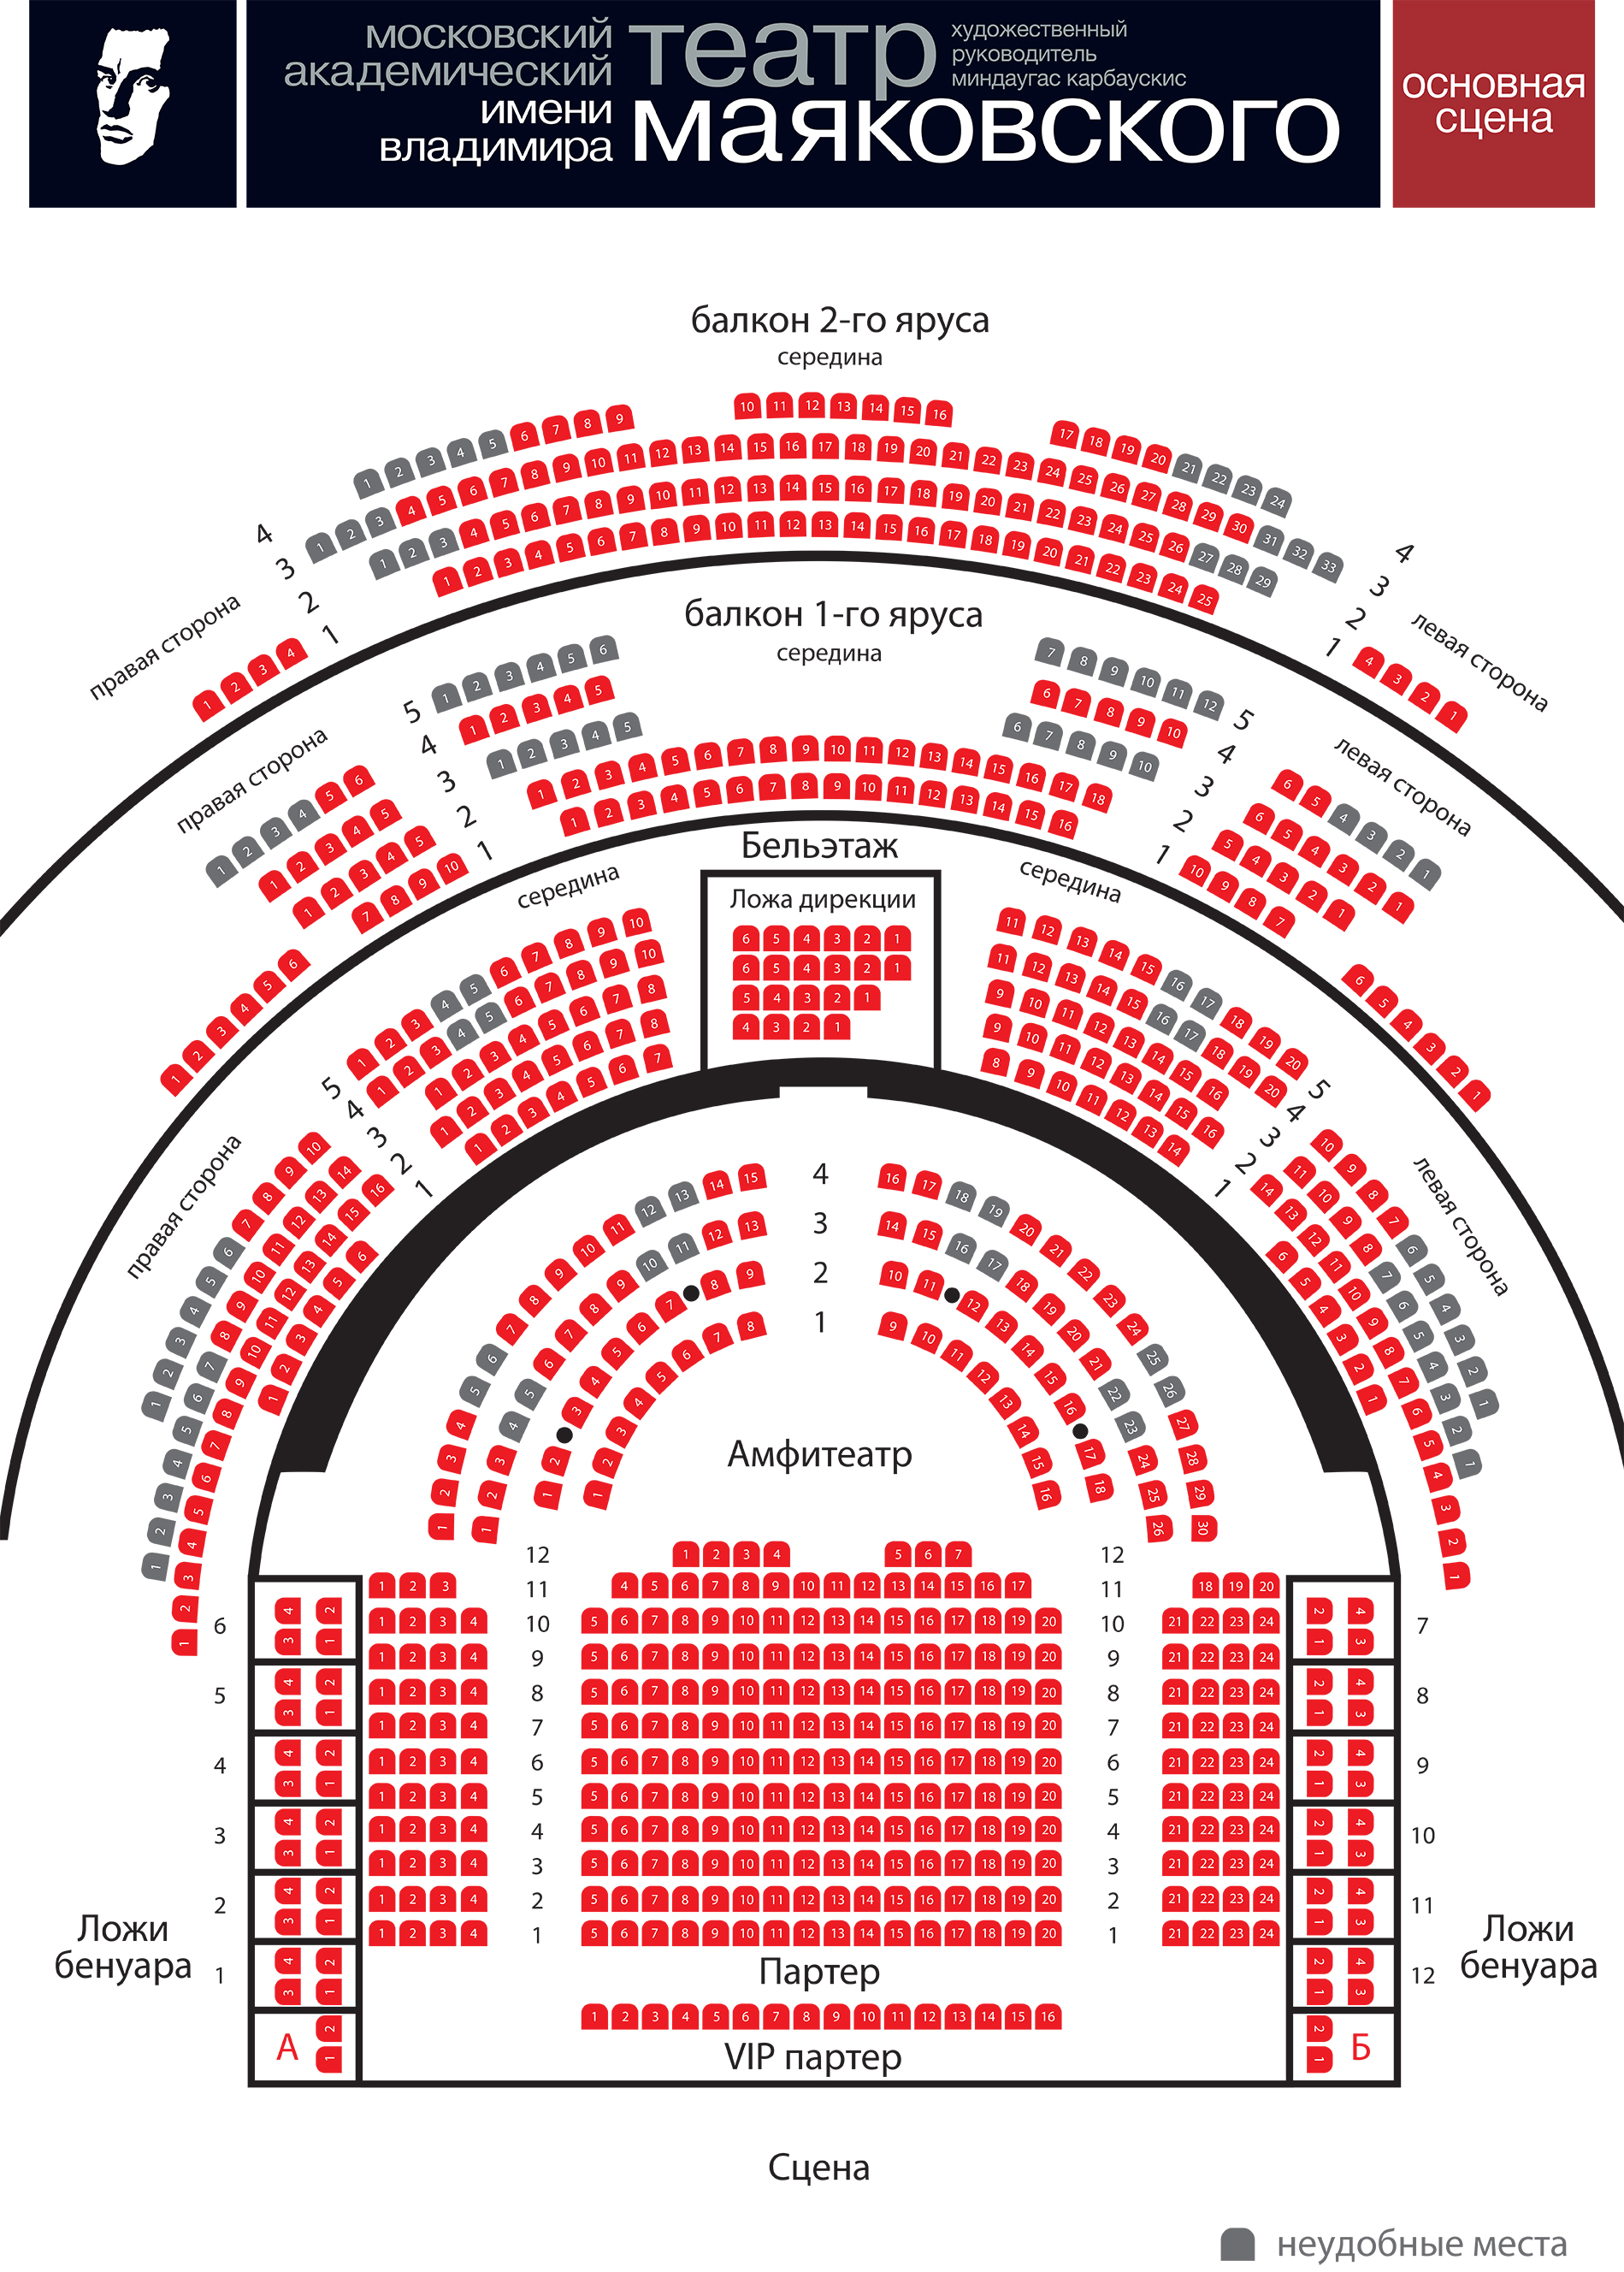 Схема зала театра моссовета фото 210